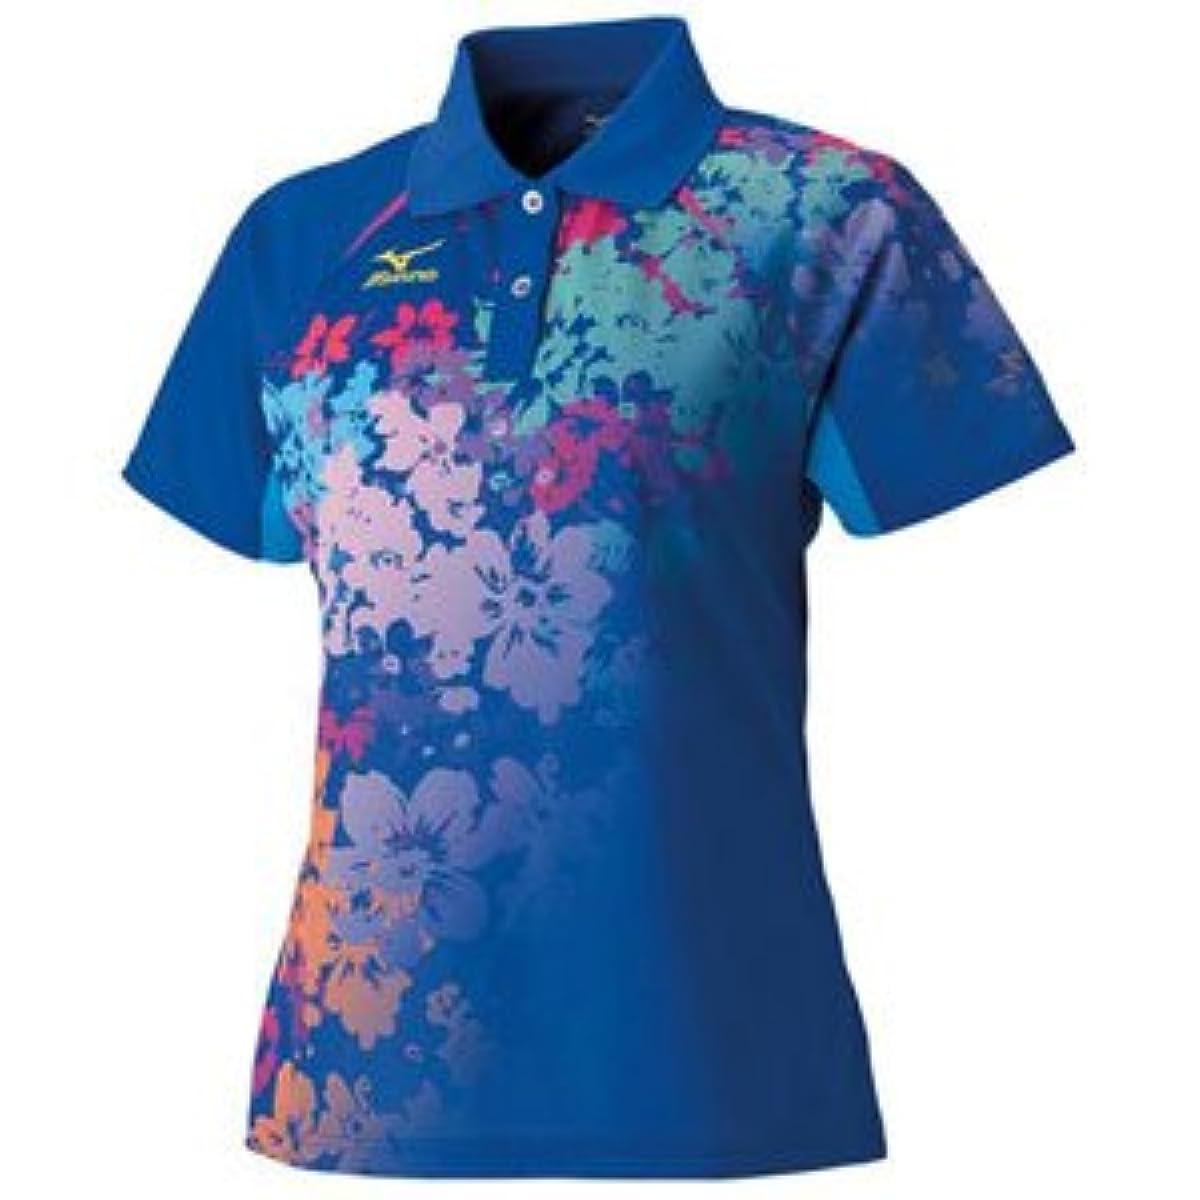 [해외] MIZUNO 미즈노 탁구 게임 셔츠 레이디스 주문 상품 사이즈:M